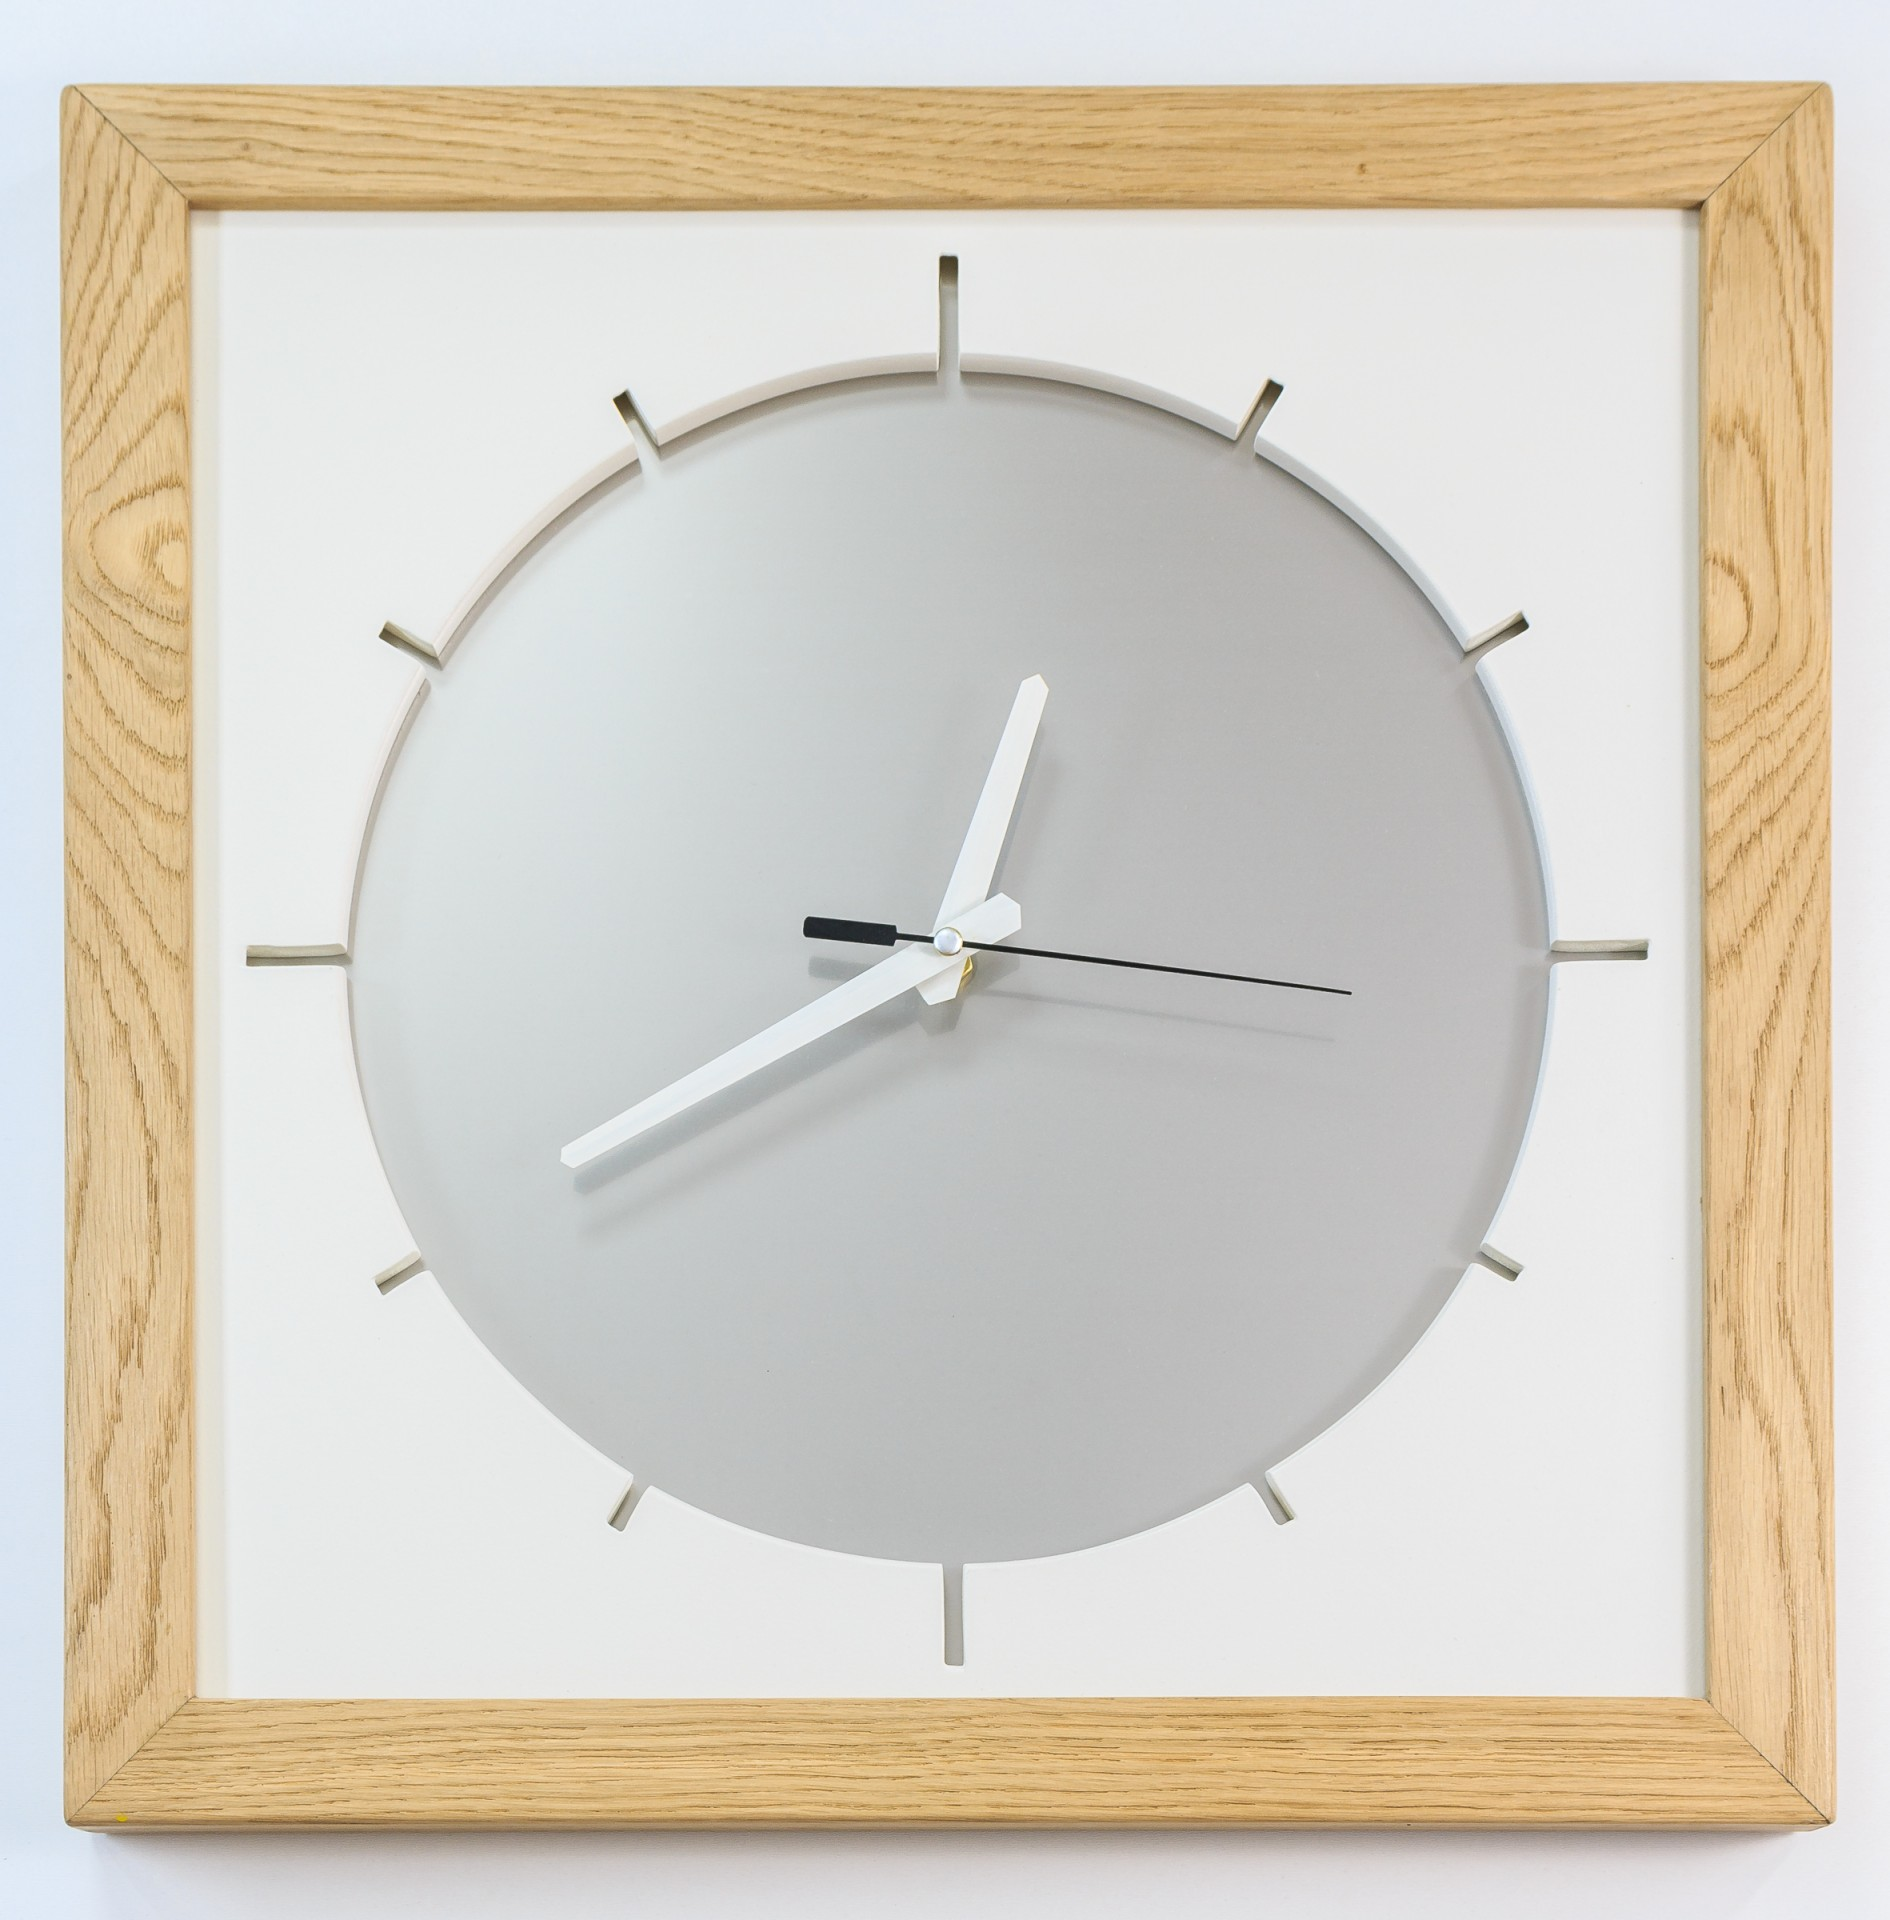 Duży zegar KSIĘŻYC. Zegar ścienny. Cichy, płynący mechanizm